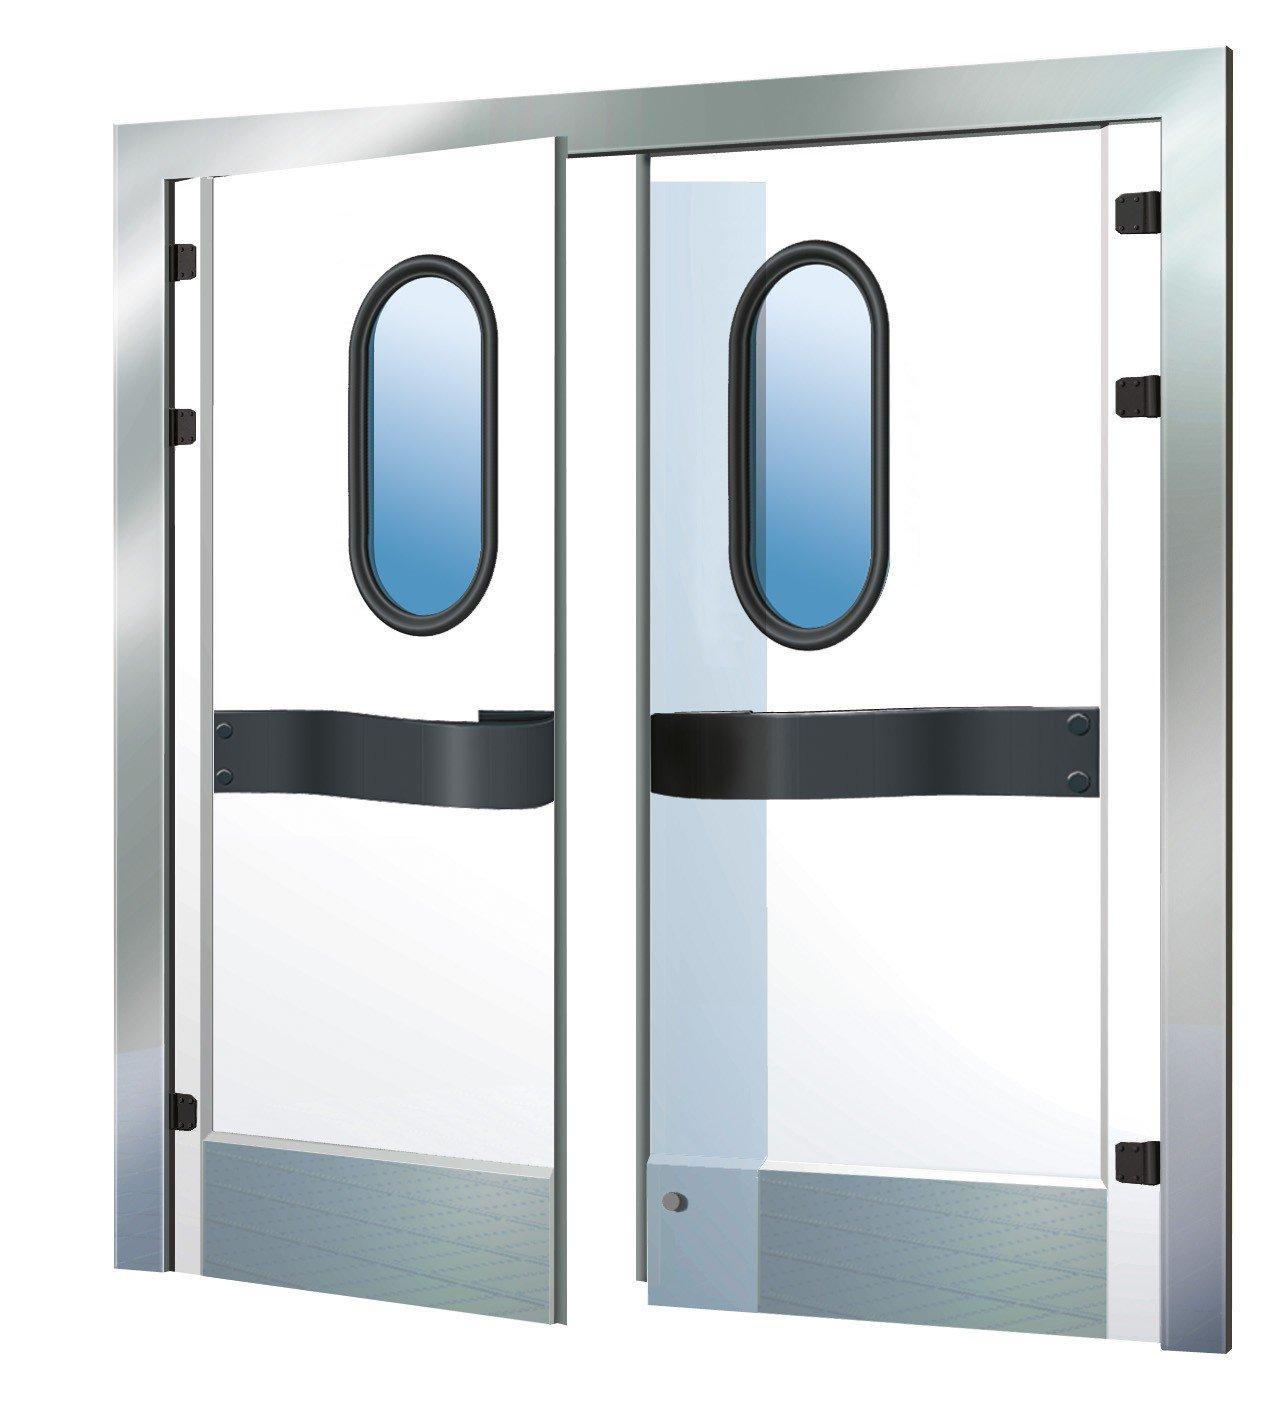 маятниковая дверь,маятниковая дверь купить,маятниковое открывание дверей,маятниковая дверь цена,маятниковые стеклянные двери, Маятниковая дверь двухстворчатая цена и описание